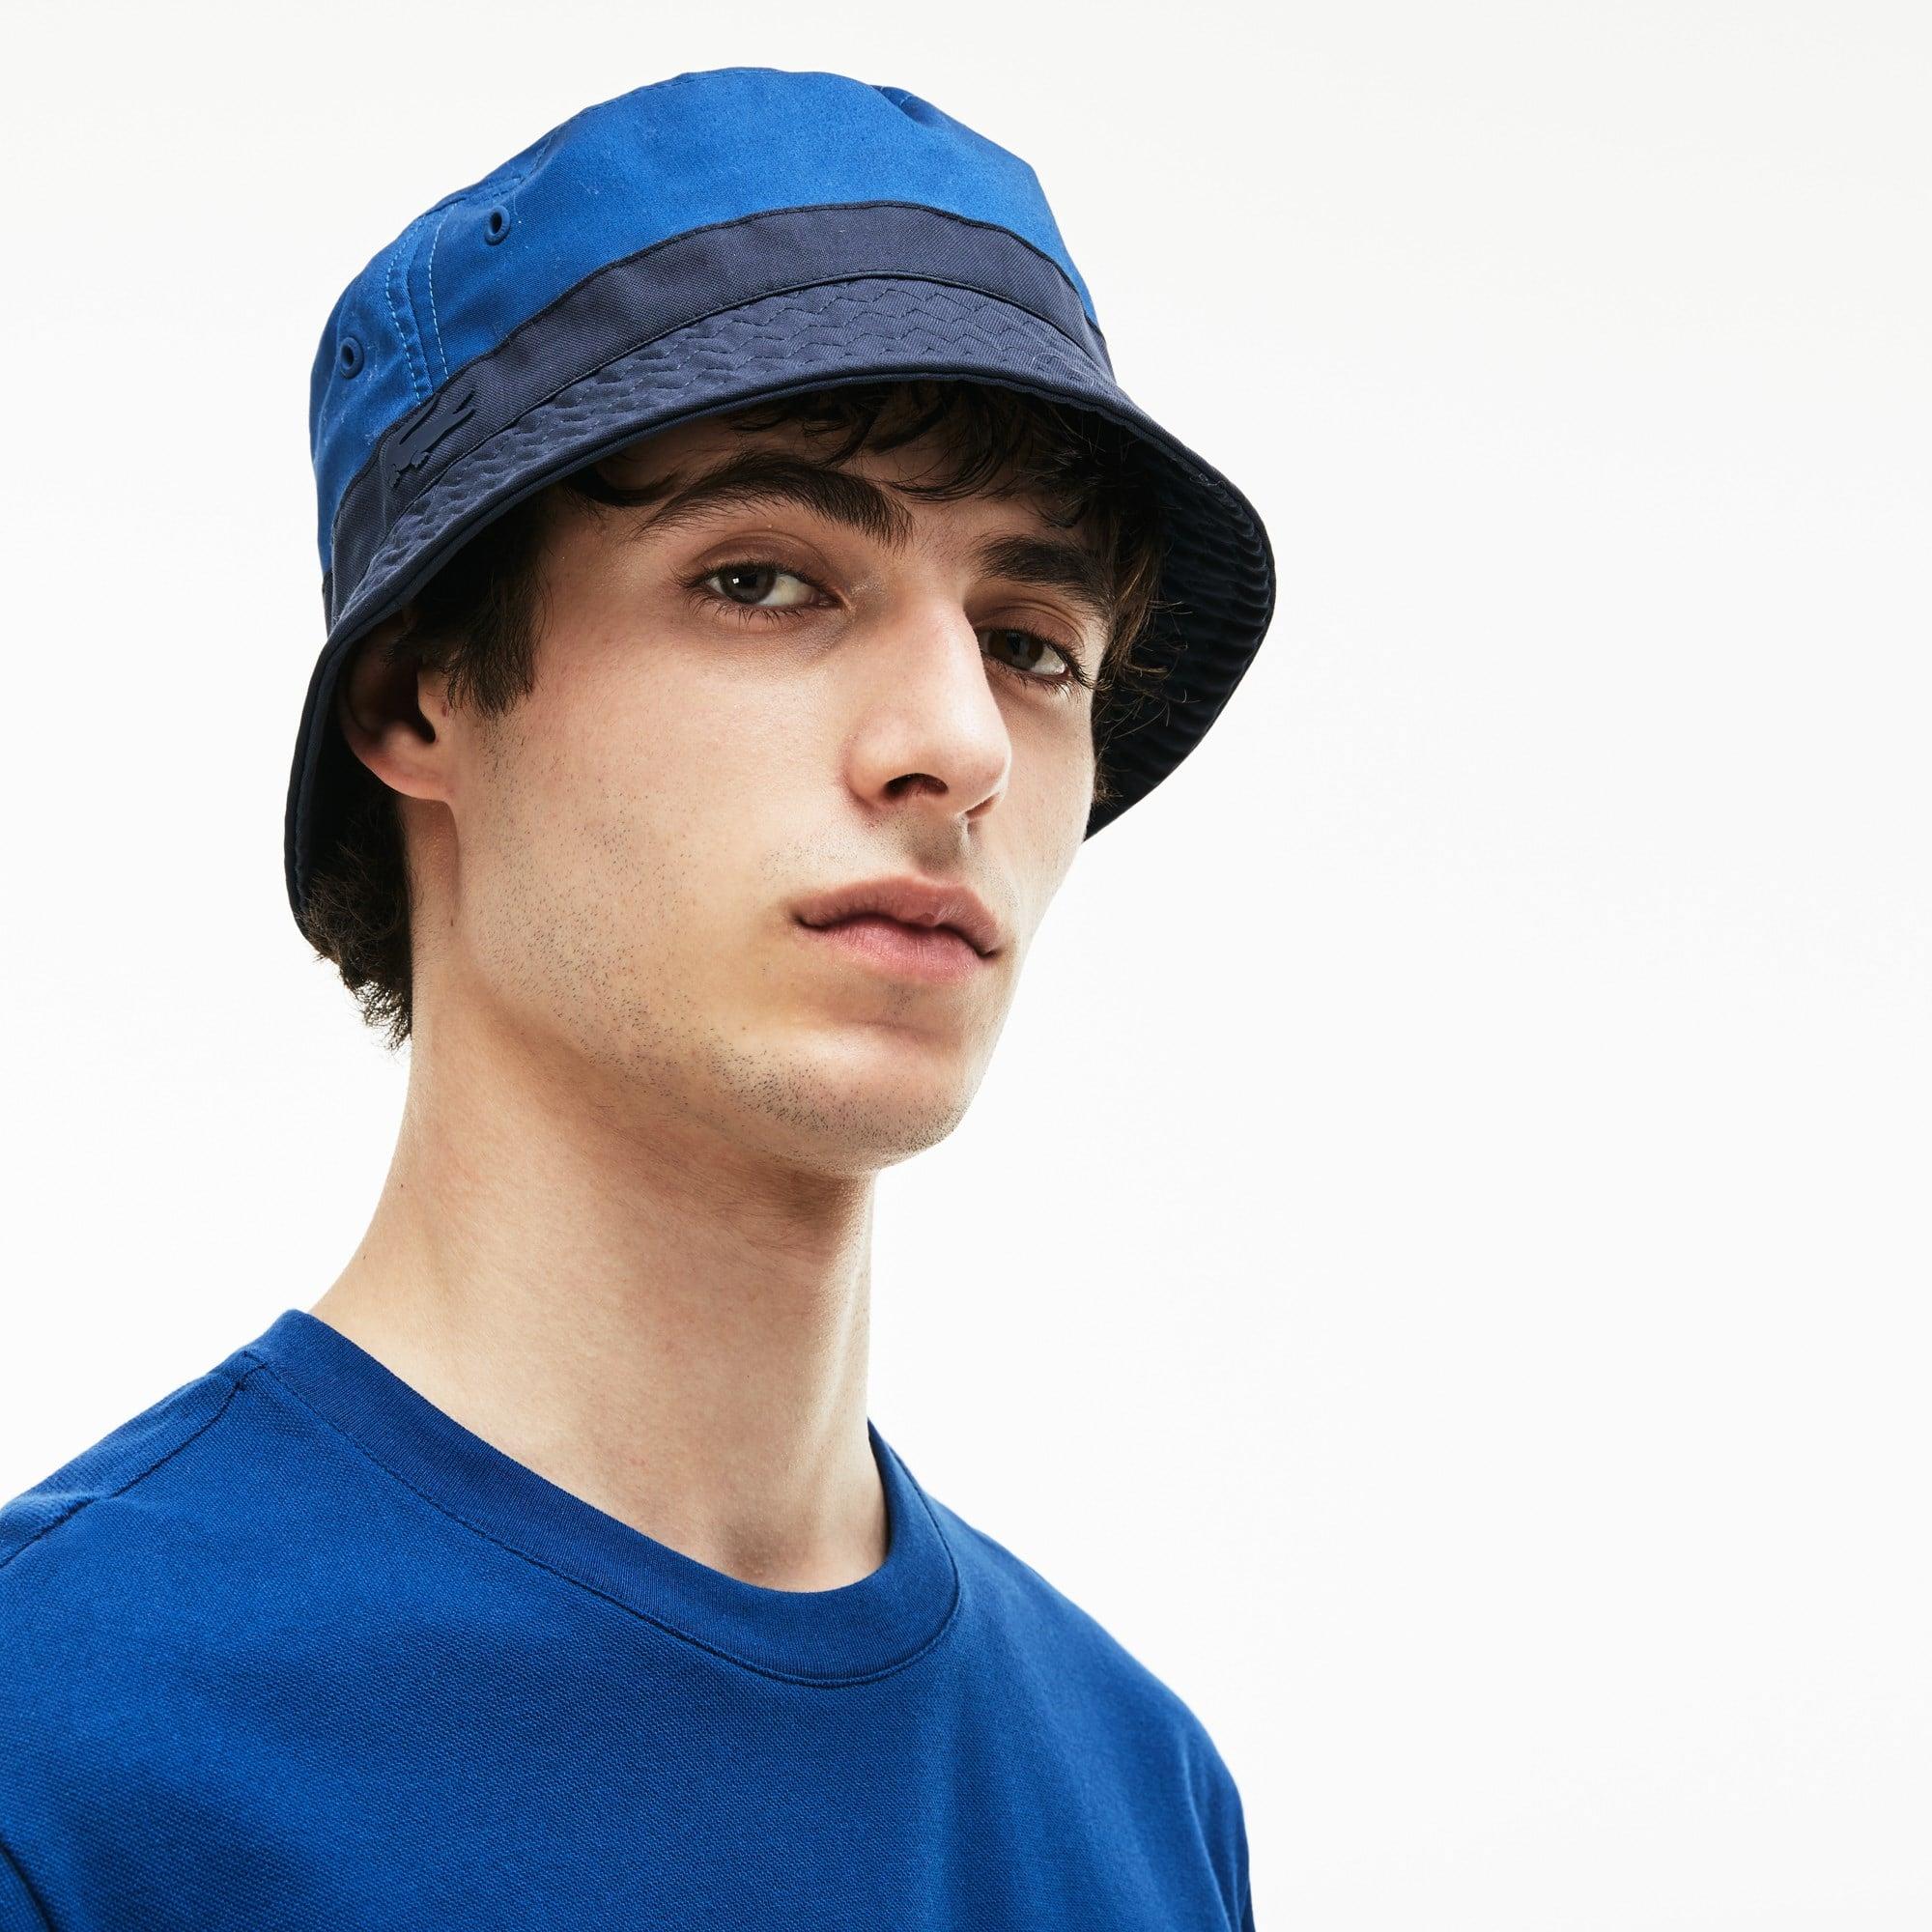 Herren-Hut aus zweifarbigem Stretch-Twill